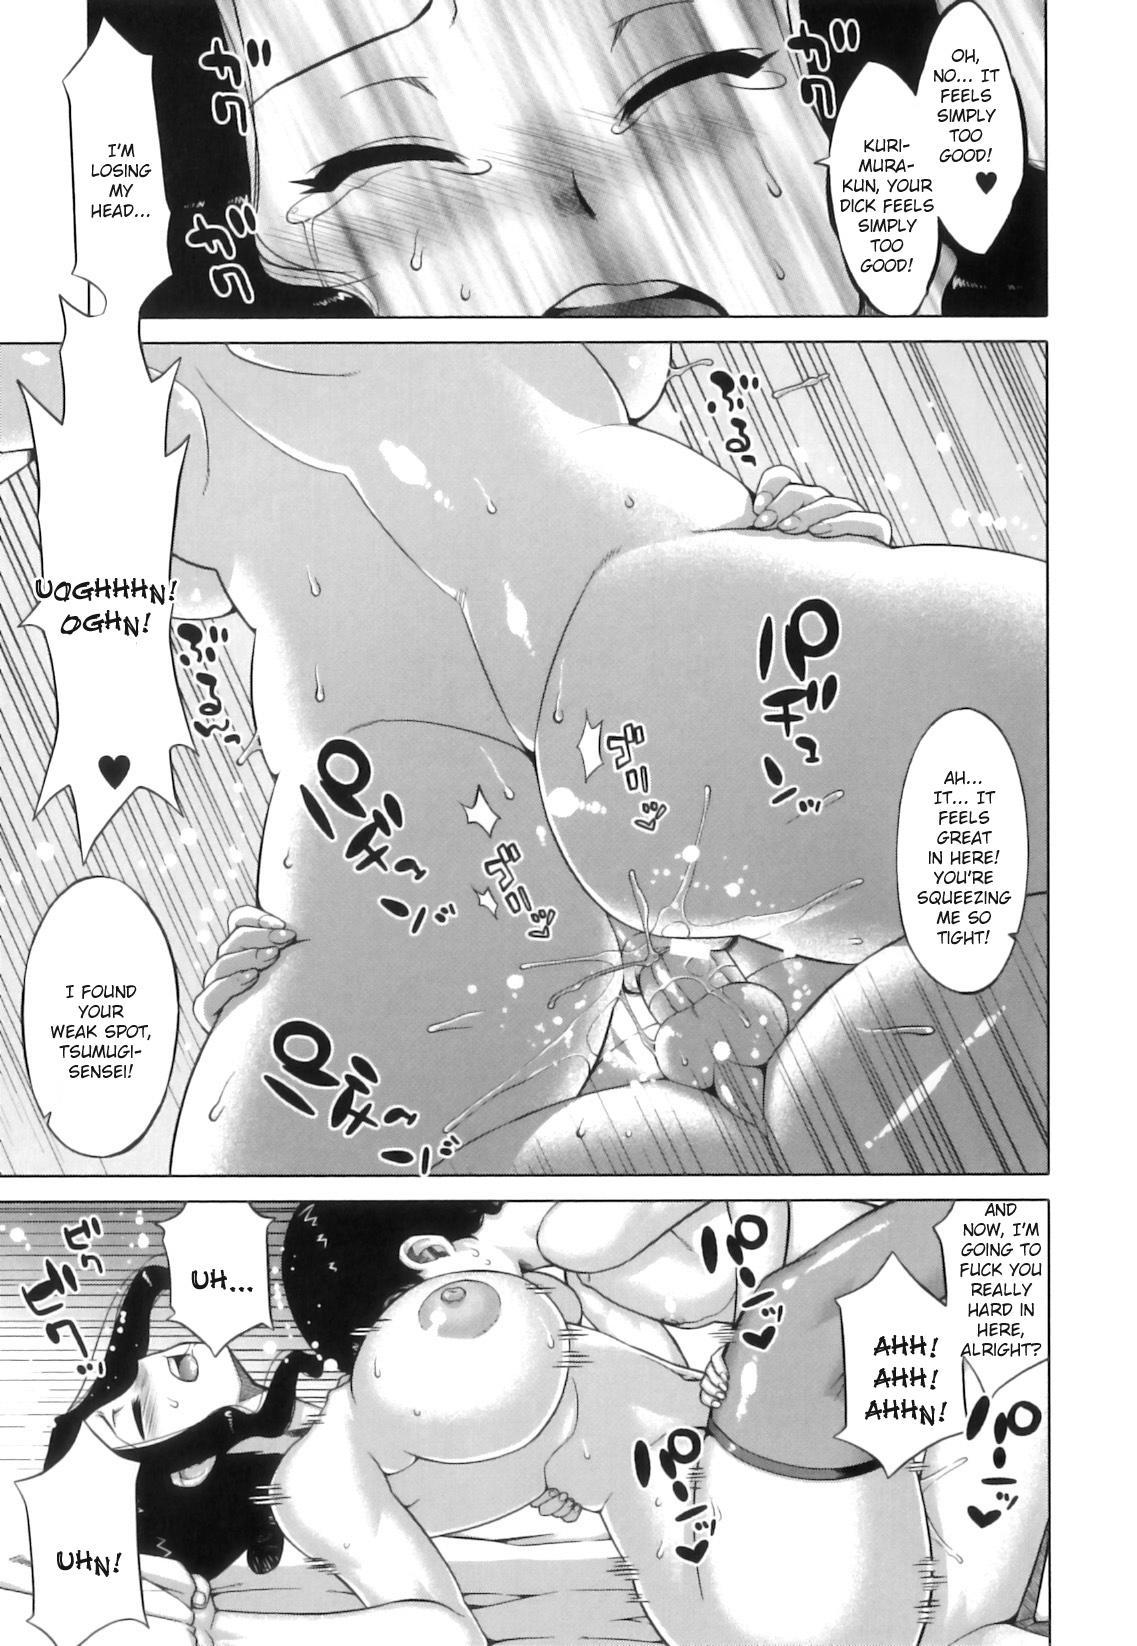 [Takatsu] DH! ~Himorogi Hyaku Yome Gatari~ | Demon-Hentai! - Shrine of One Hundred Wives [English] {doujin-moe.us} 210